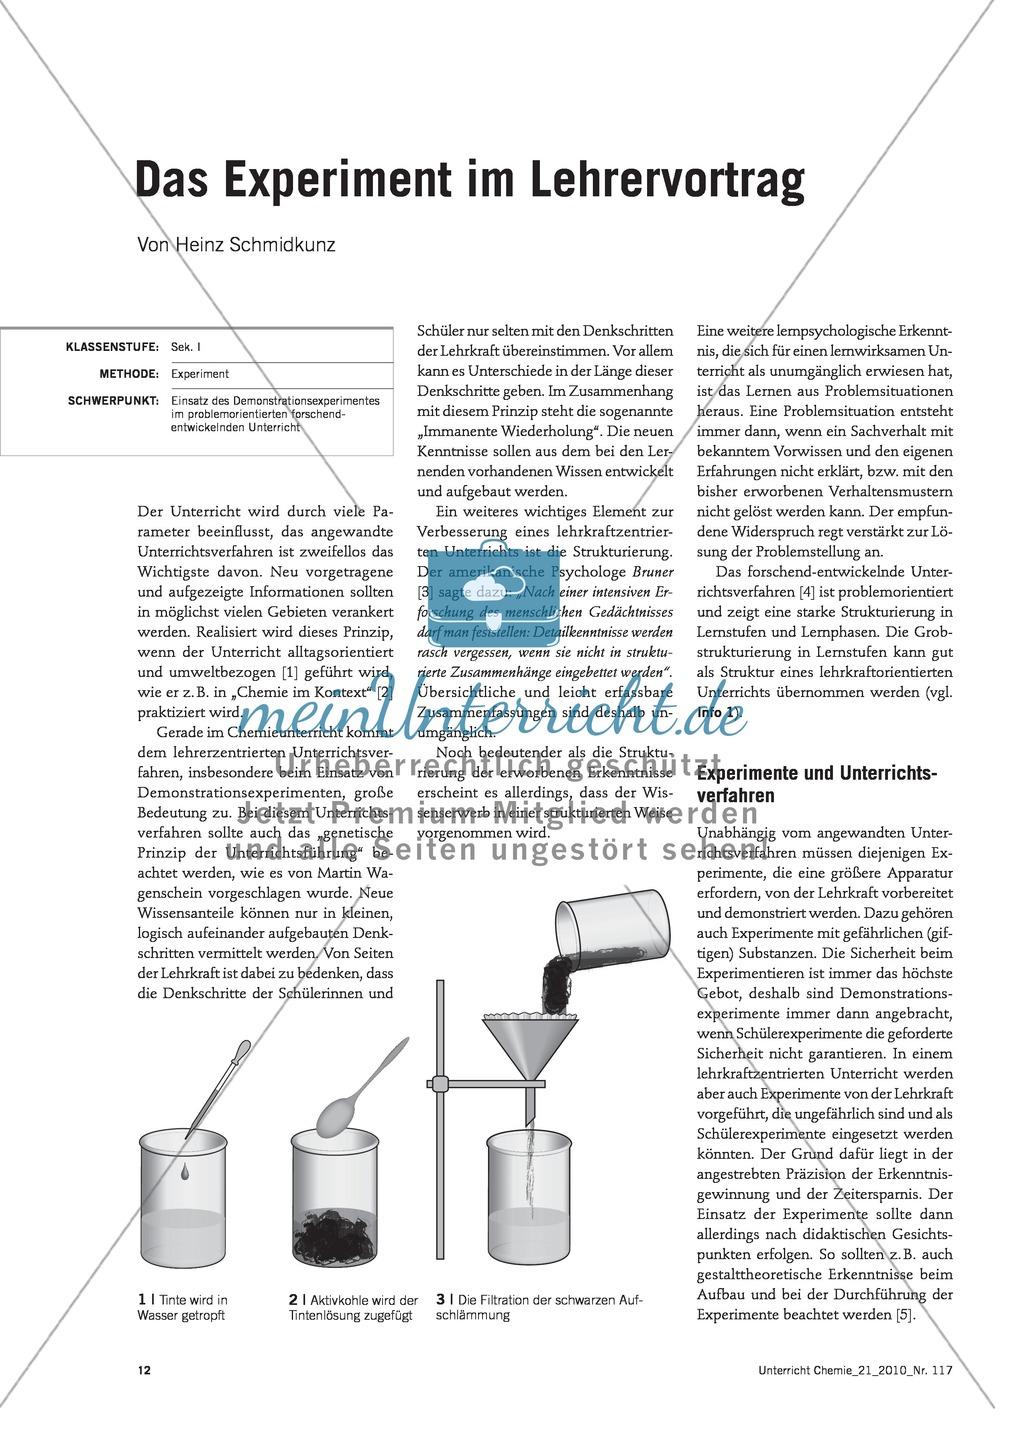 Lehrerzentrierter Unterricht - Das Demonstrationsexperiment im forschend-entwickelnden Unterricht am Beispiel Wasserreinigung Preview 0